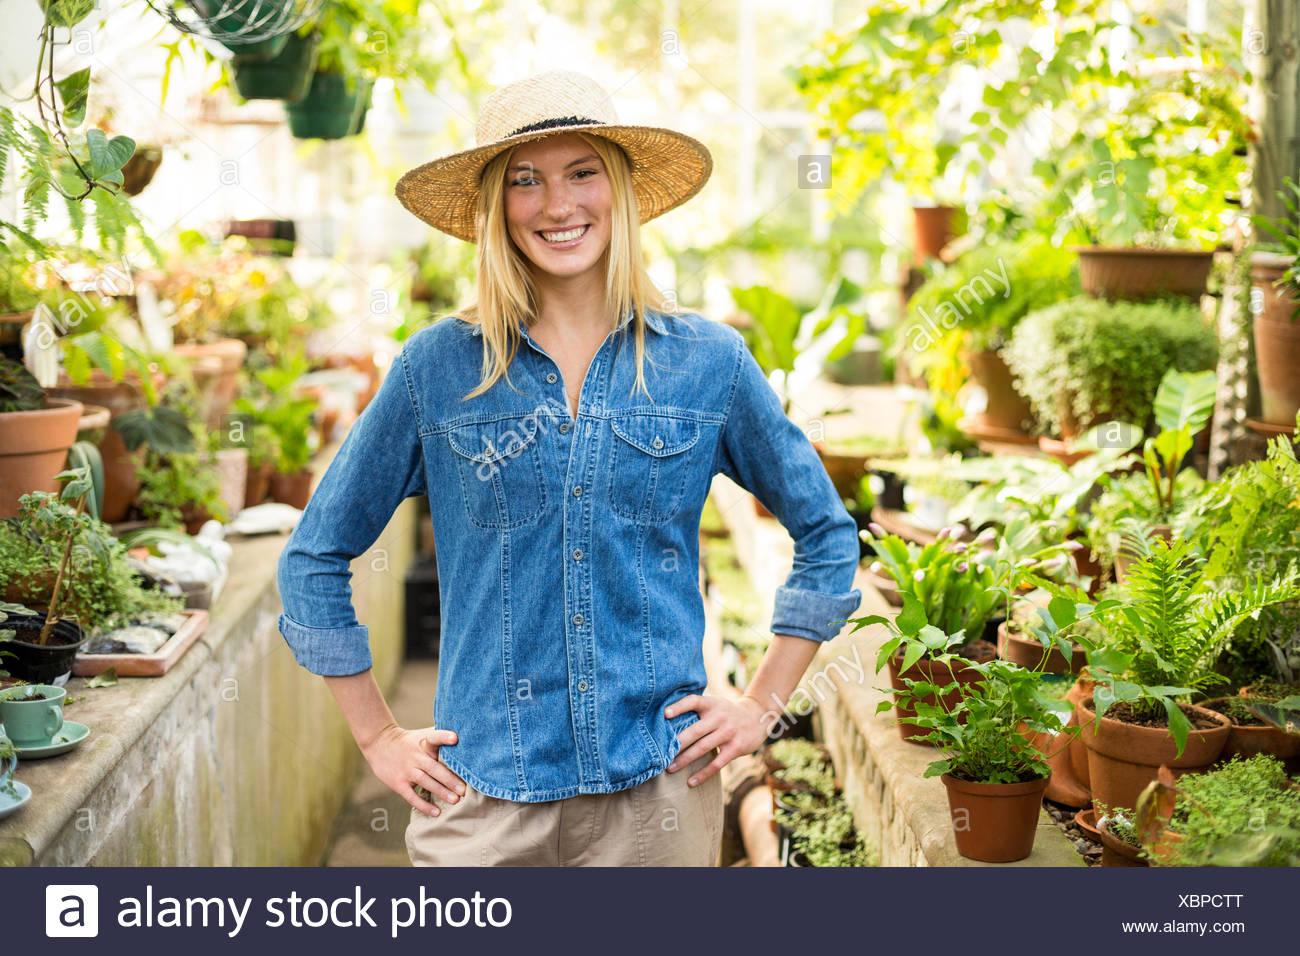 zuversichtlich weibliche Gärtner im Gewächshaus Stockfoto